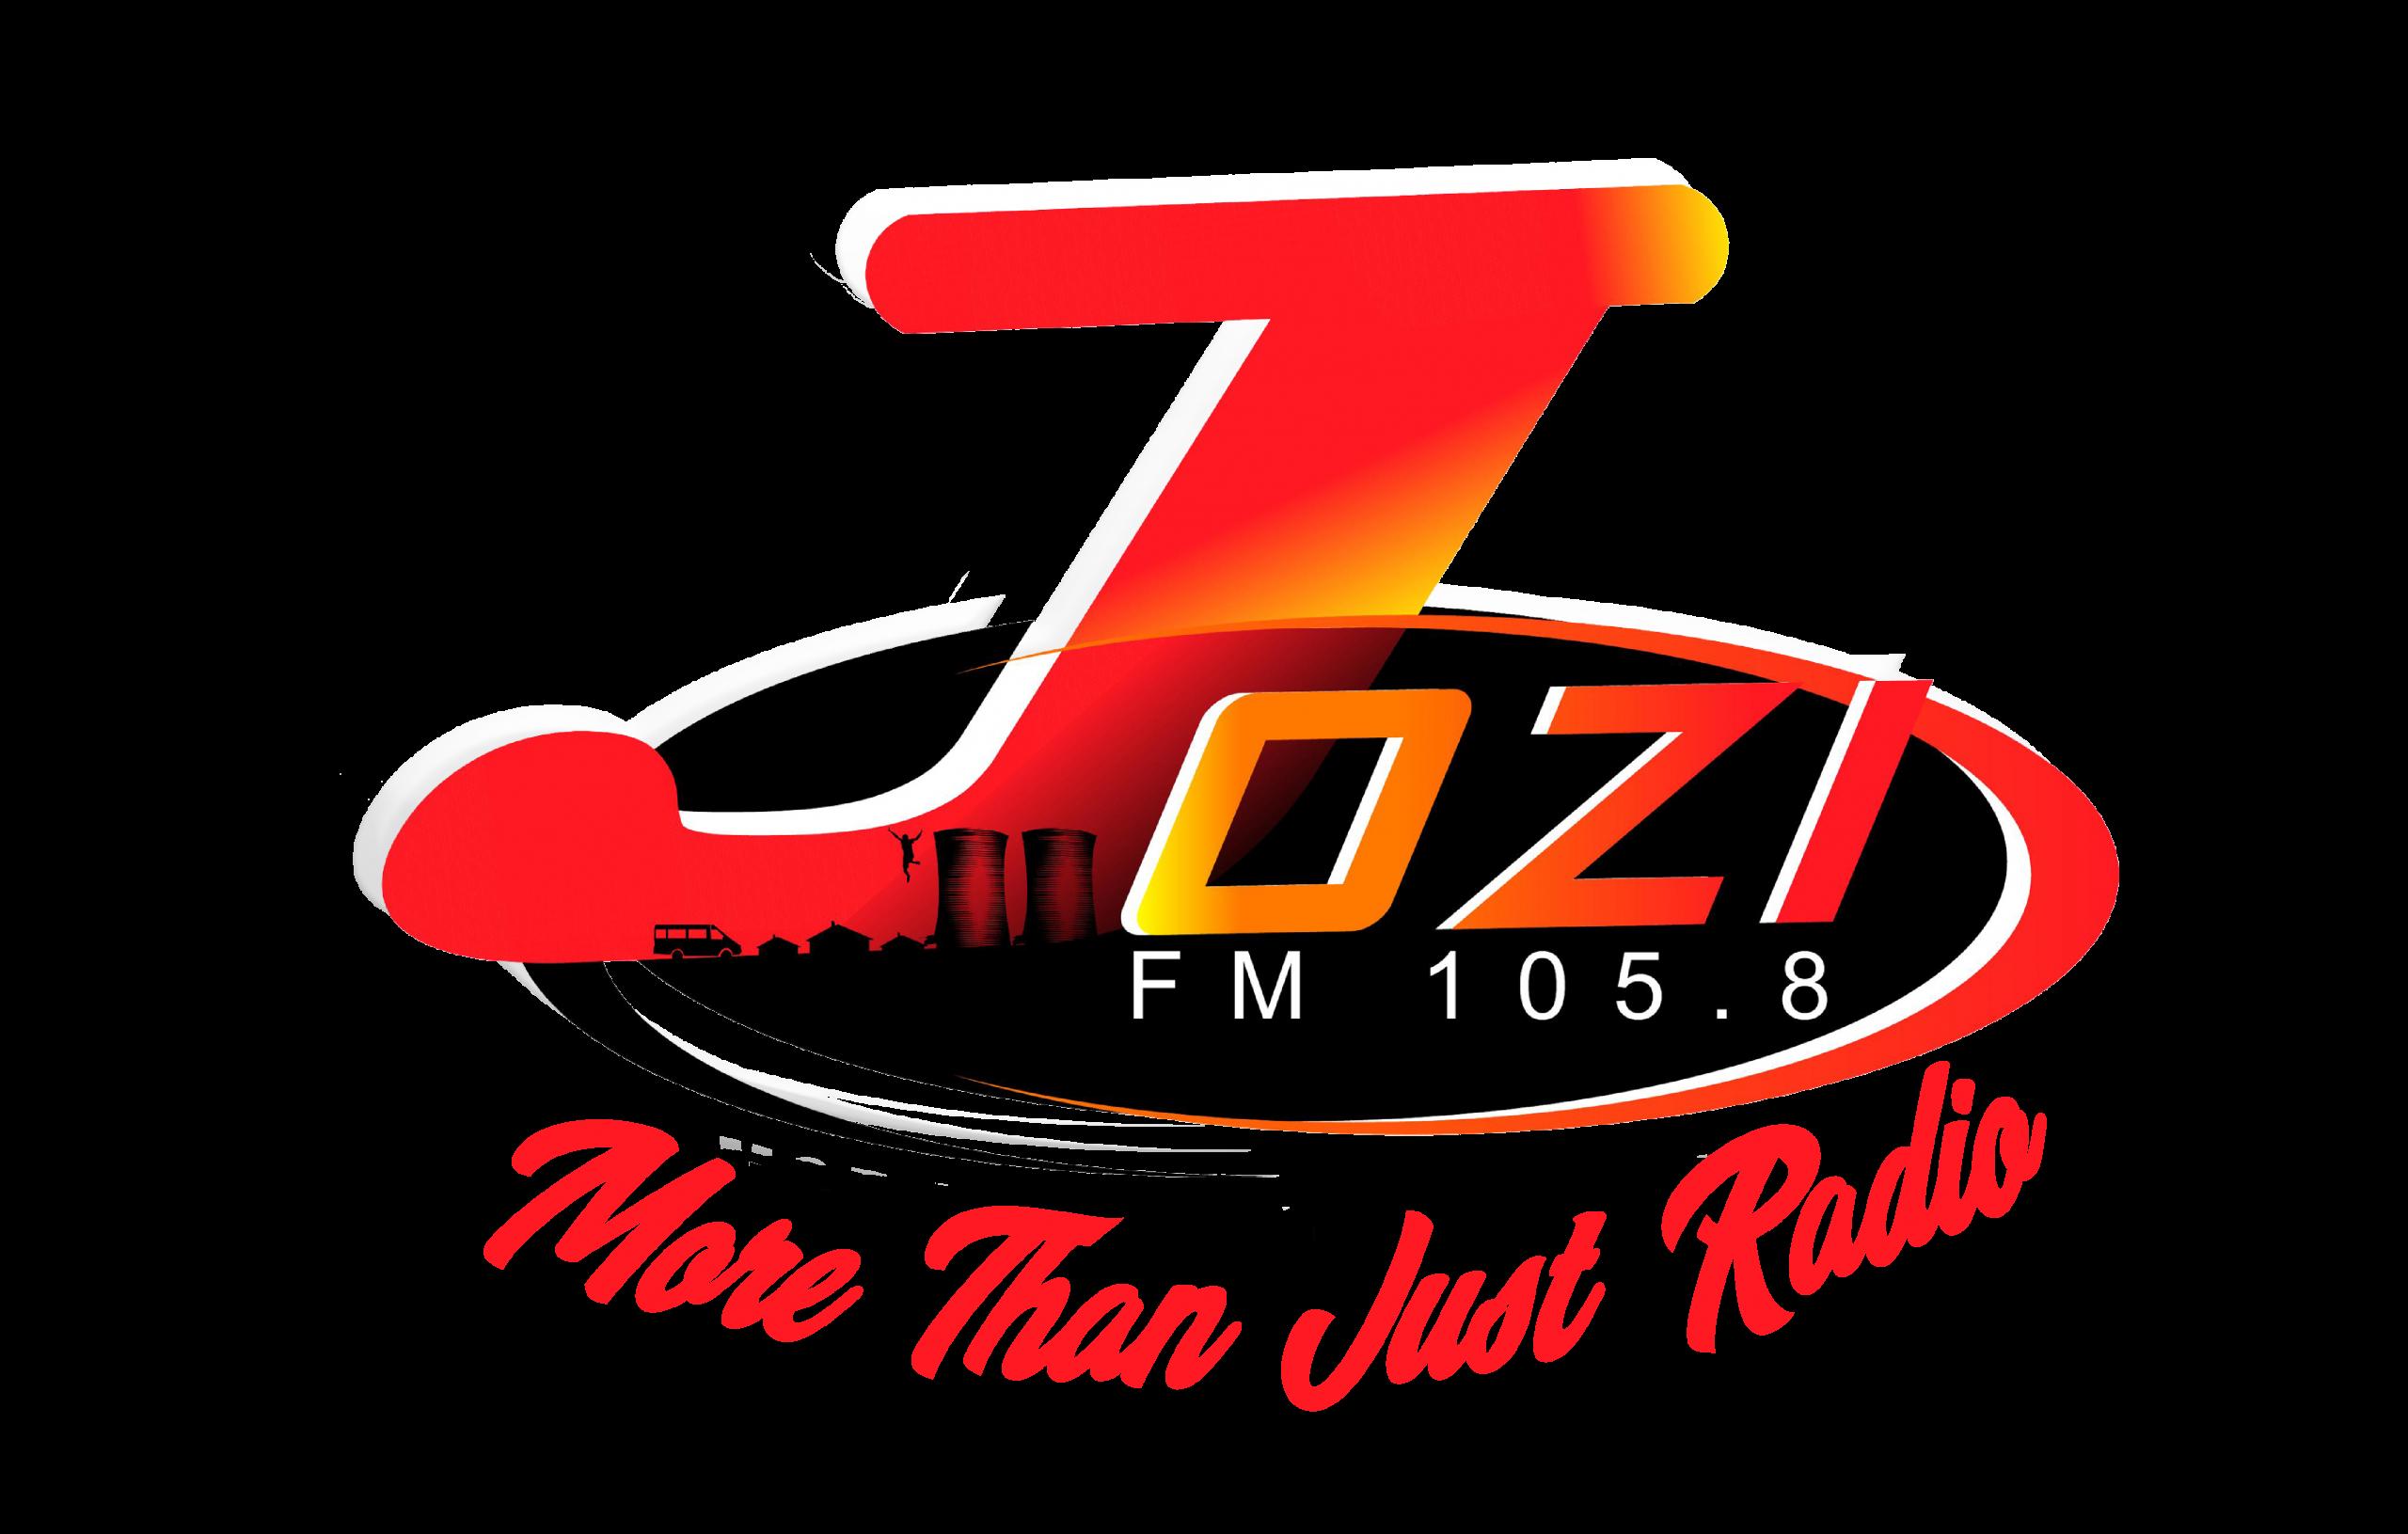 www.jozifm.co.za